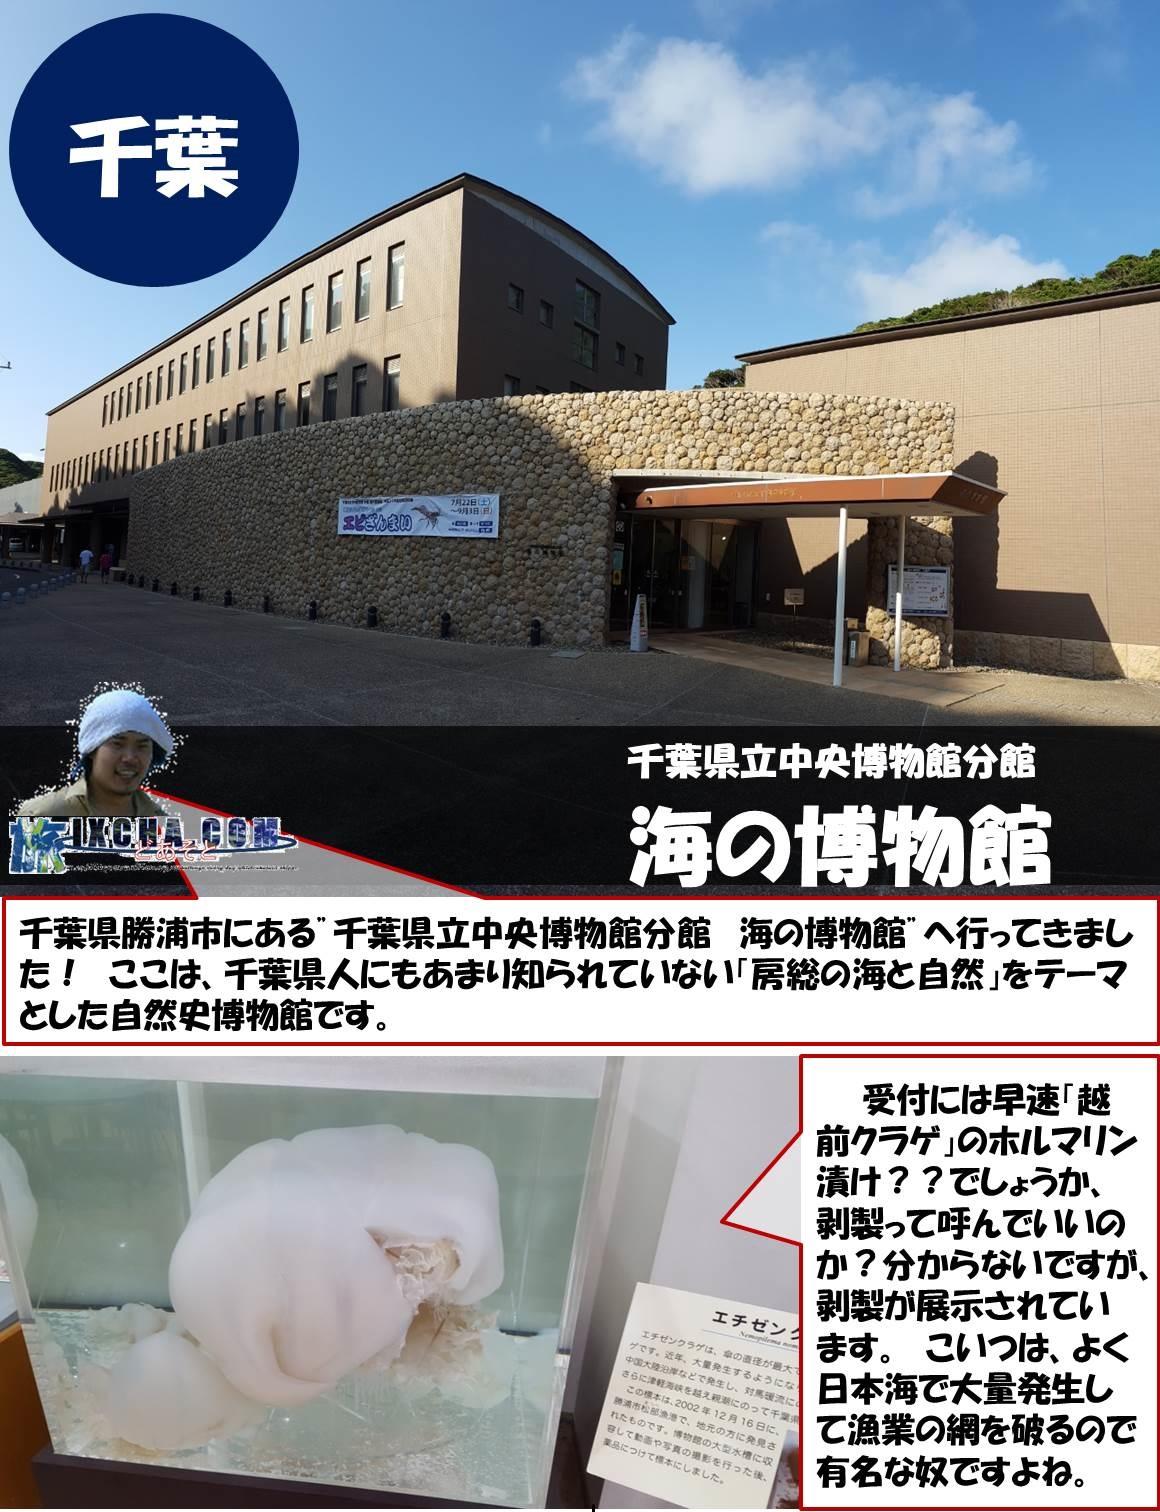 """千葉県立中央博物館分館 海の博物館 千葉県勝浦市にある""""千葉県立中央博物館分館 海の博物館""""へ行ってきました! ここは、千葉県人にもあまり知られていない「房総の海と自然」をテーマとした自然史博物館です。 受付には早速「越前クラゲ」のホルマリン漬け??でしょうか、剥製って呼んでいいのか?分からないですが、剥製が展示されています。 こいつは、よく日本海で大量発生して漁業の網を破るので有名な奴ですよね。"""